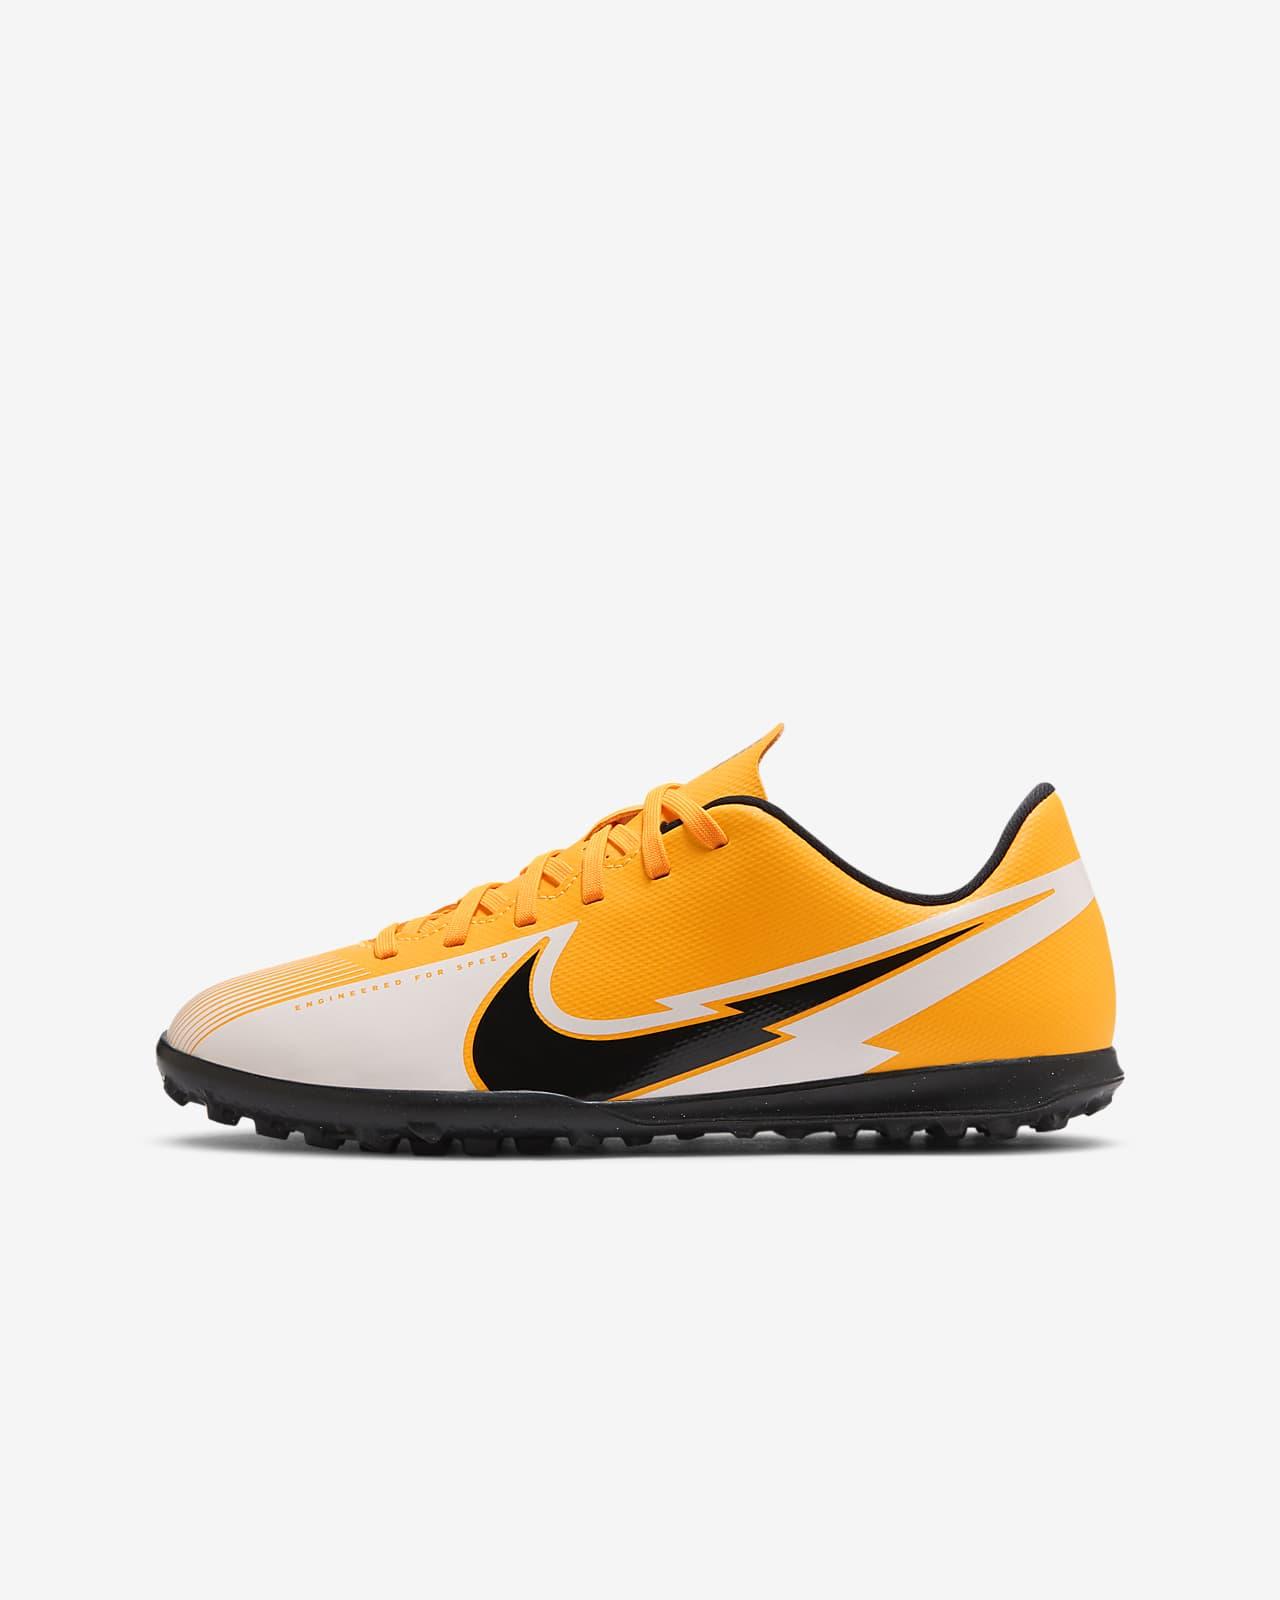 Buty piłkarskie na sztuczną nawierzchnię typu turf dla małych/dużych dzieci Nike Jr. Mercurial Vapor 13 Club TF